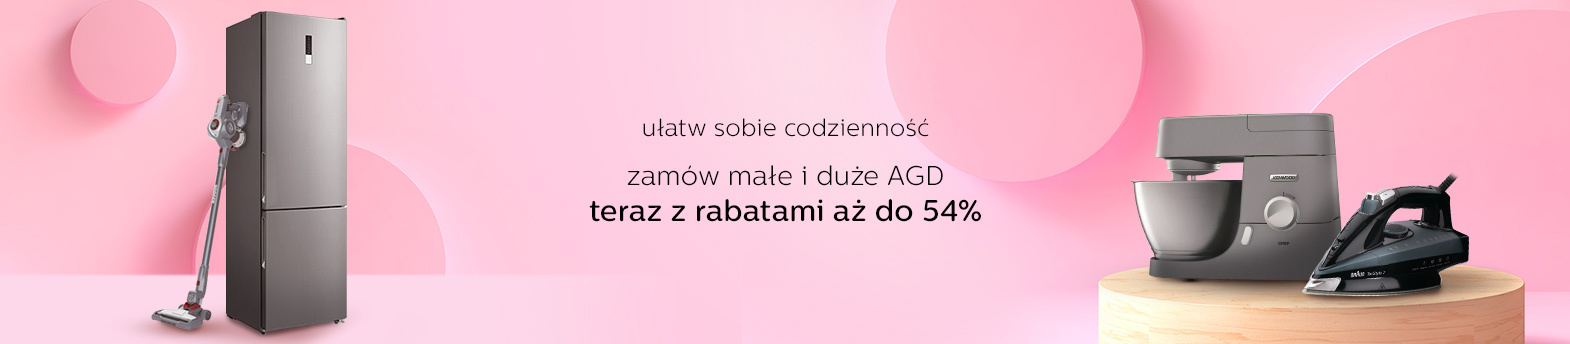 wyprzedaż AGD